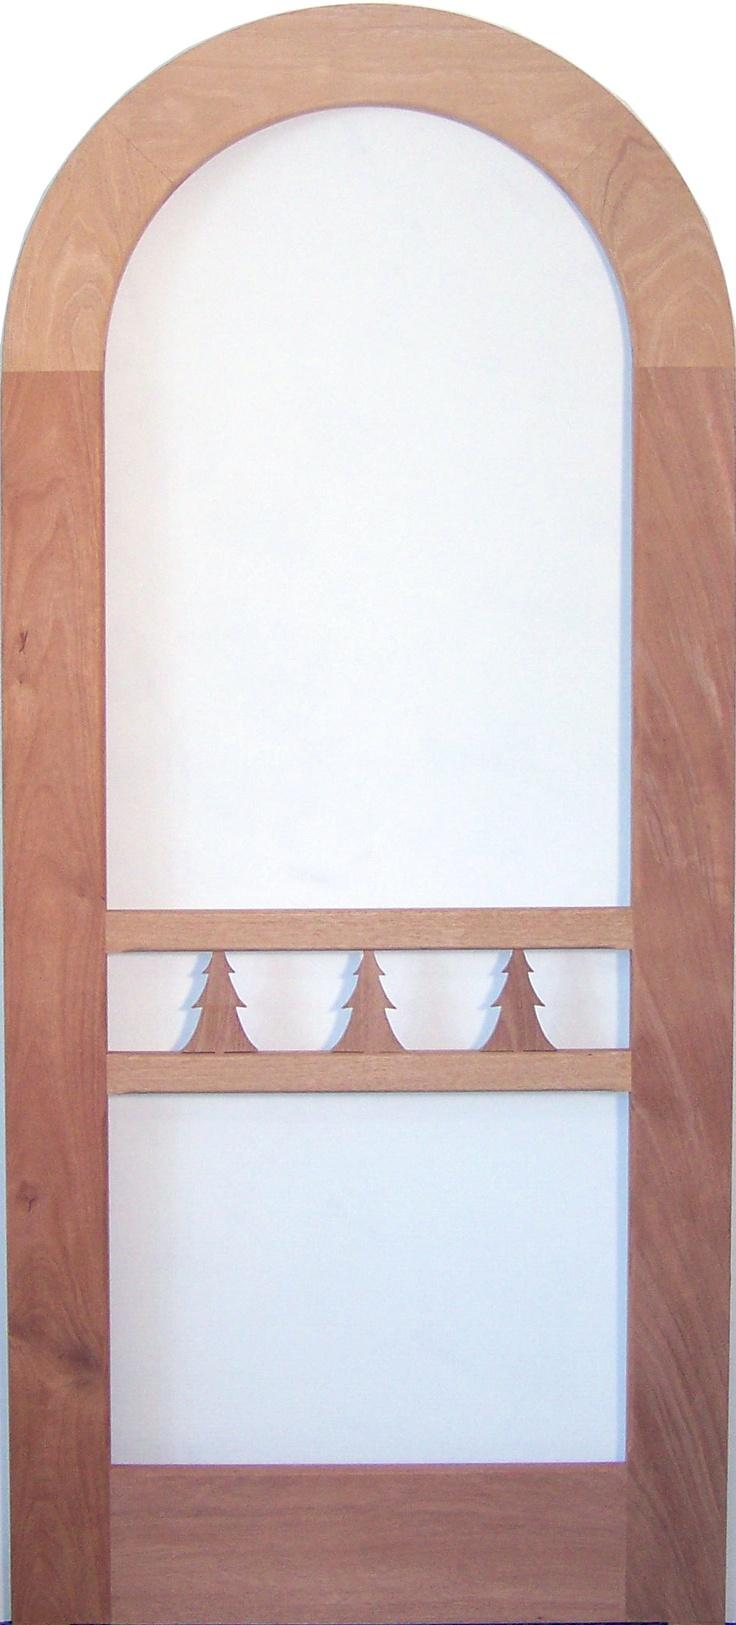 Pin by vintage doors on screen storm doors pinterest for Storm door with screen on top